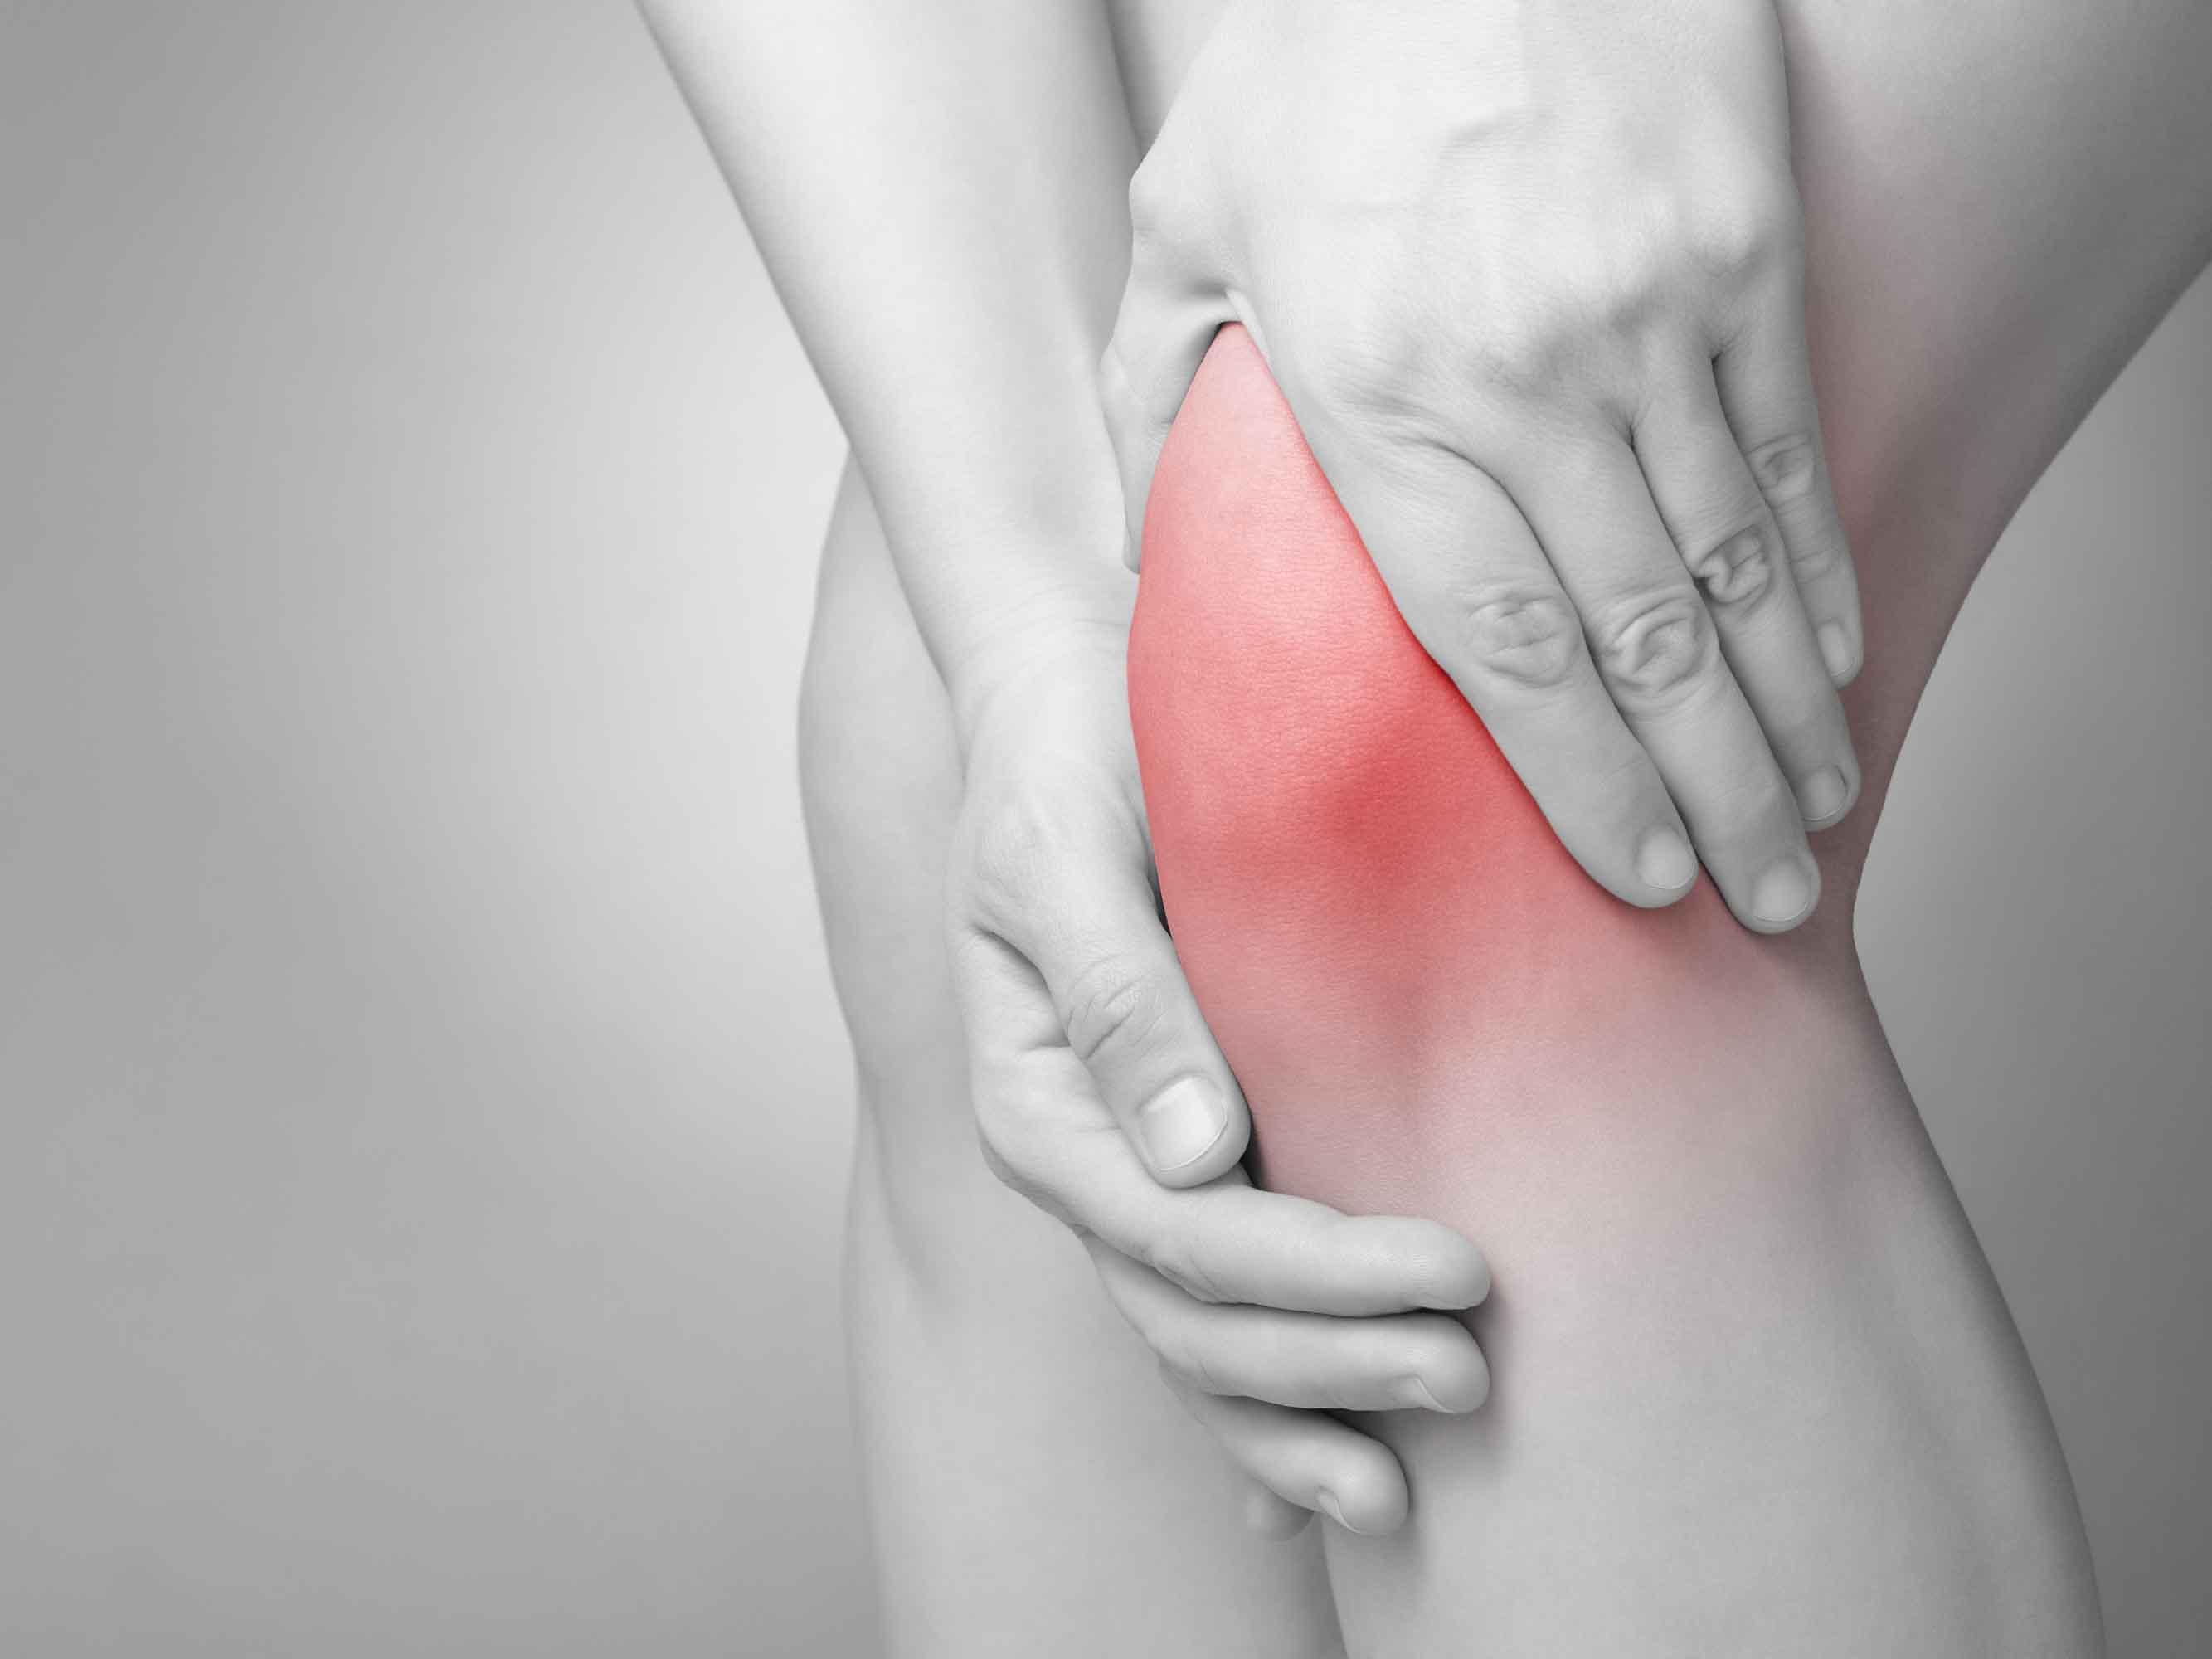 关节炎怎么治疗好?